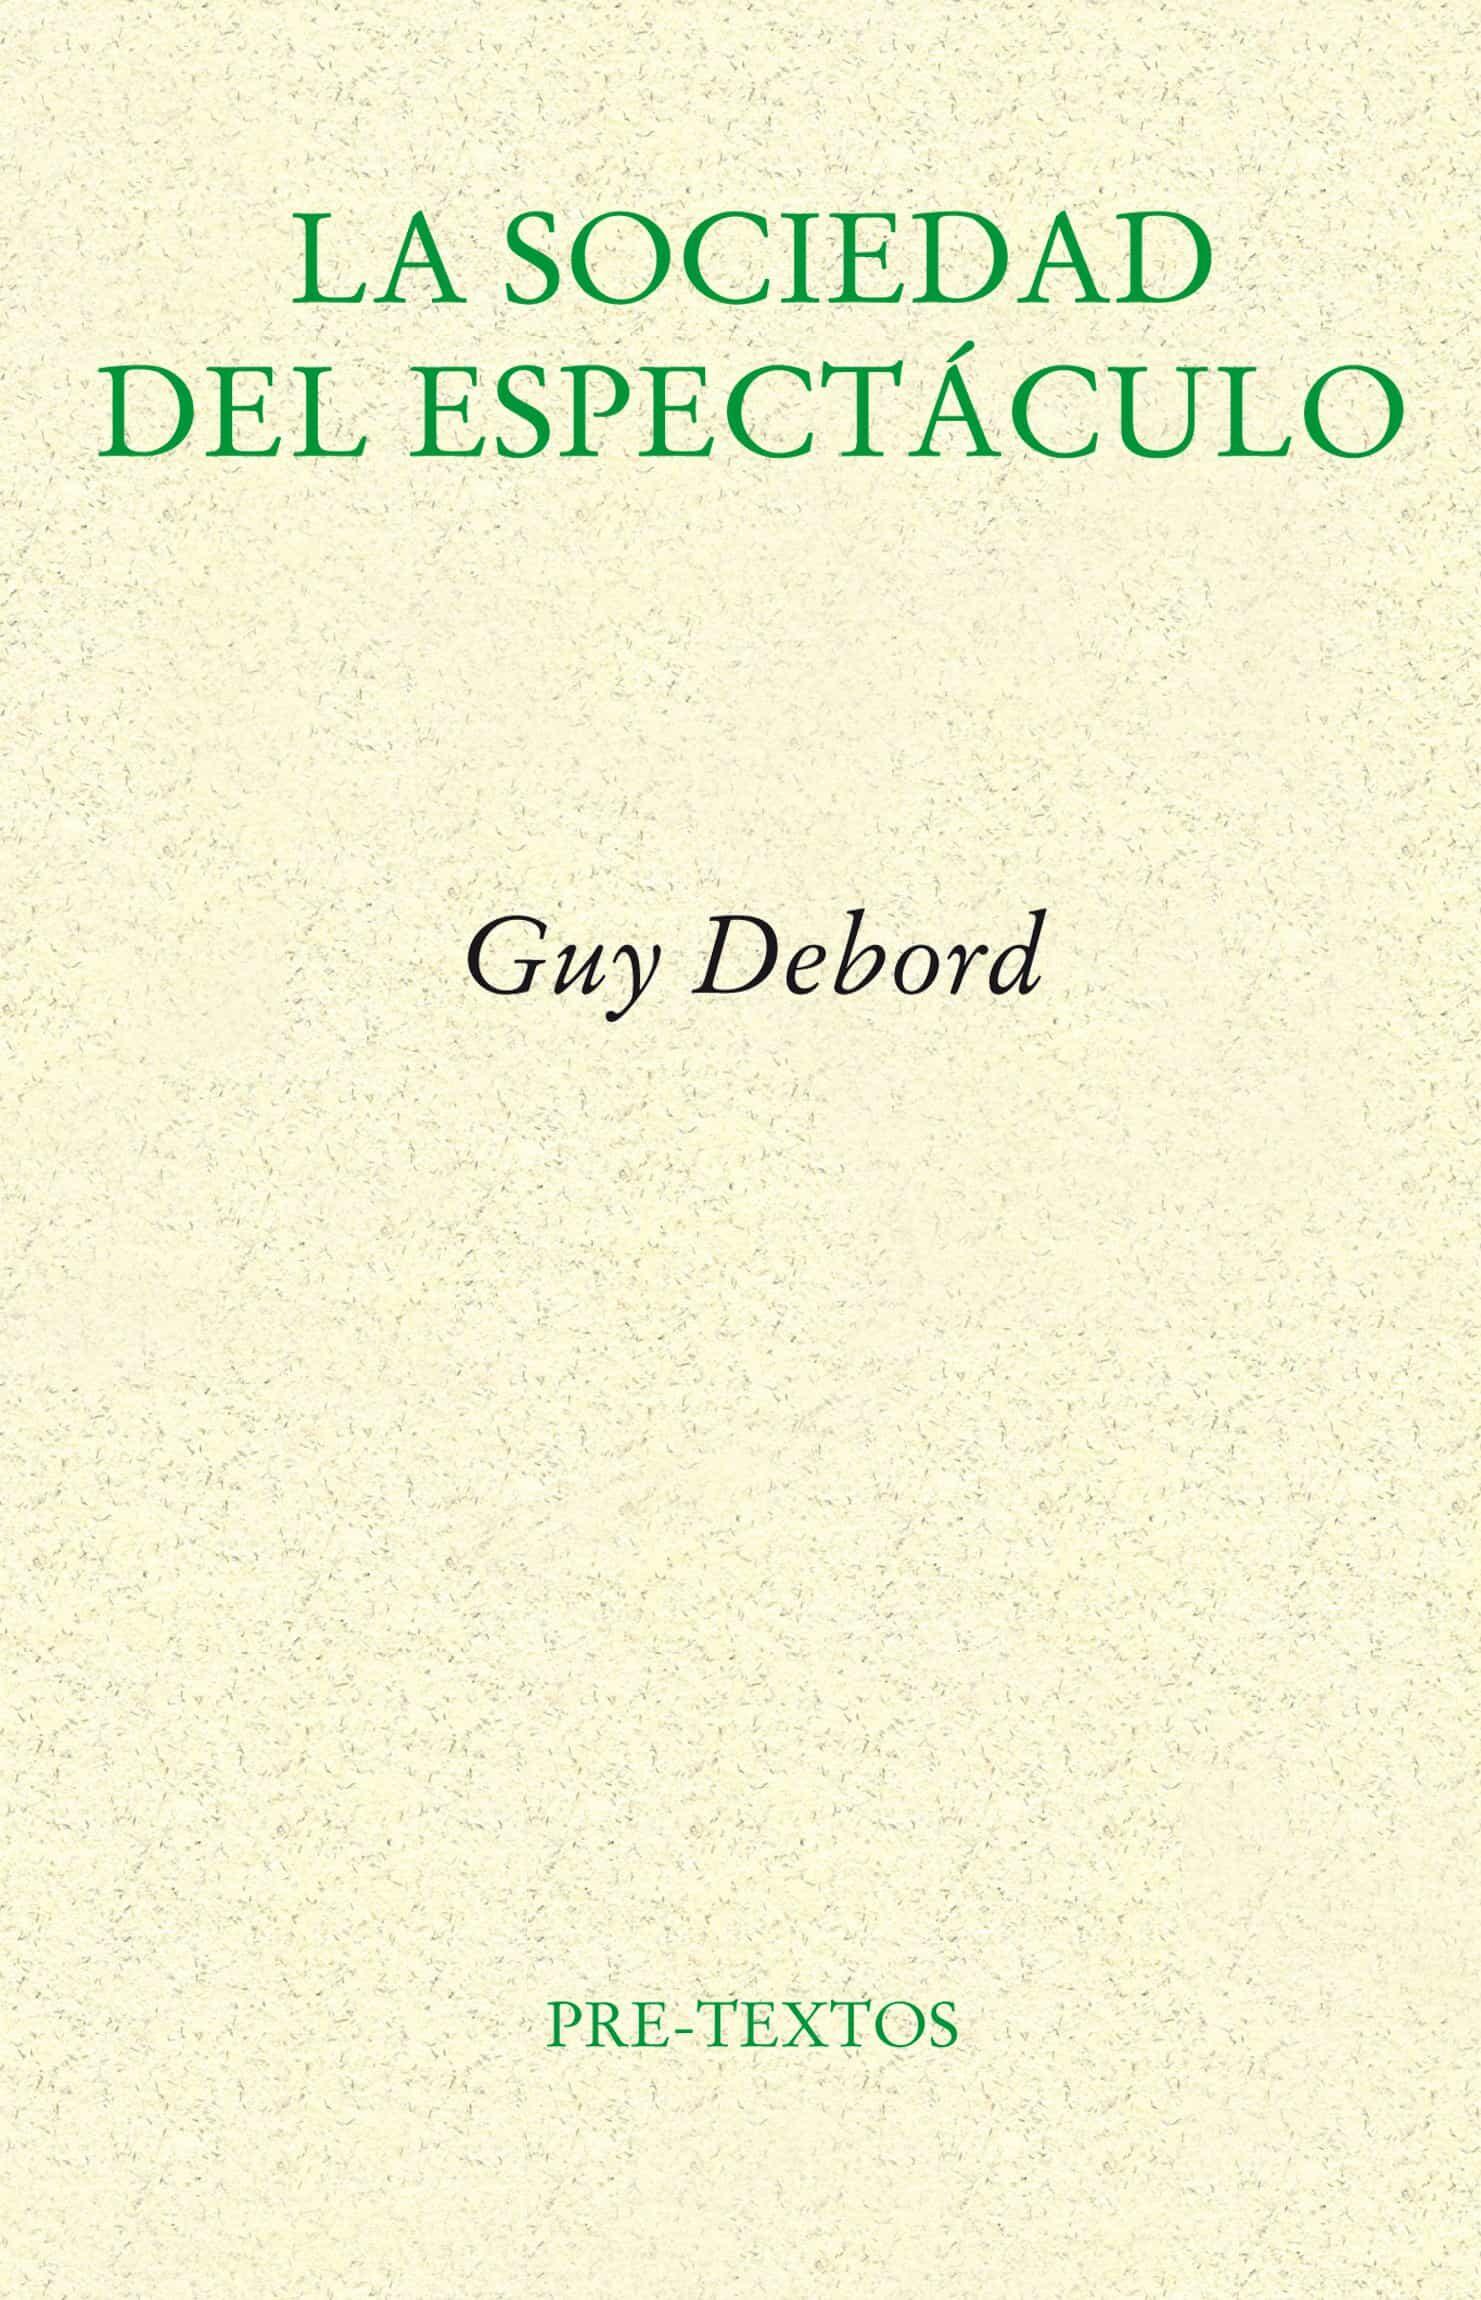 la sociedad del espectaculo (2ª ed.)-guy debord-9788481914429